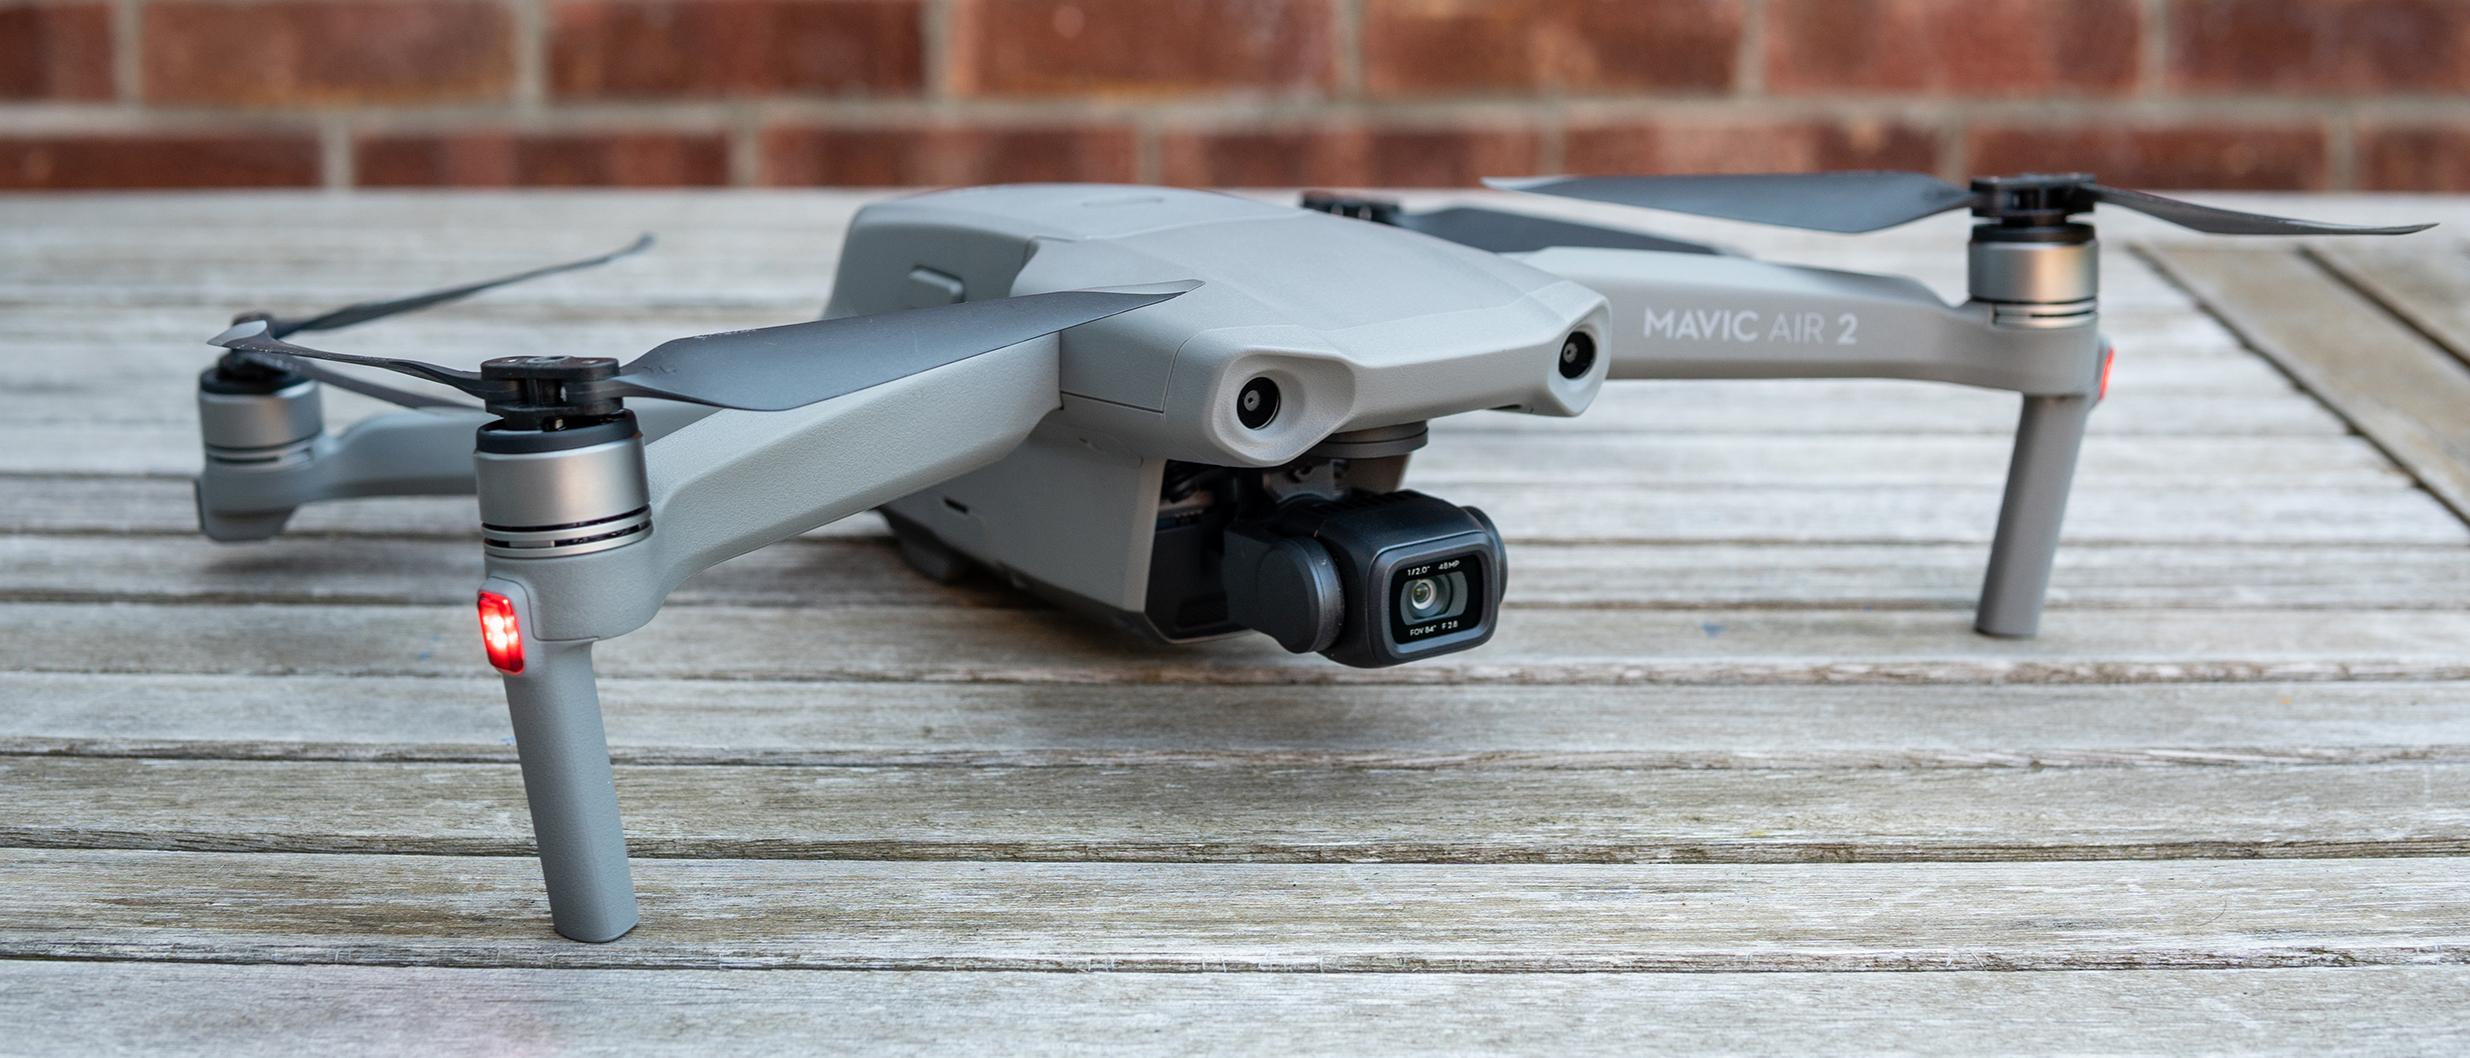 Mavic air 2 mới có khả năng chụp ảnh như thế nào?